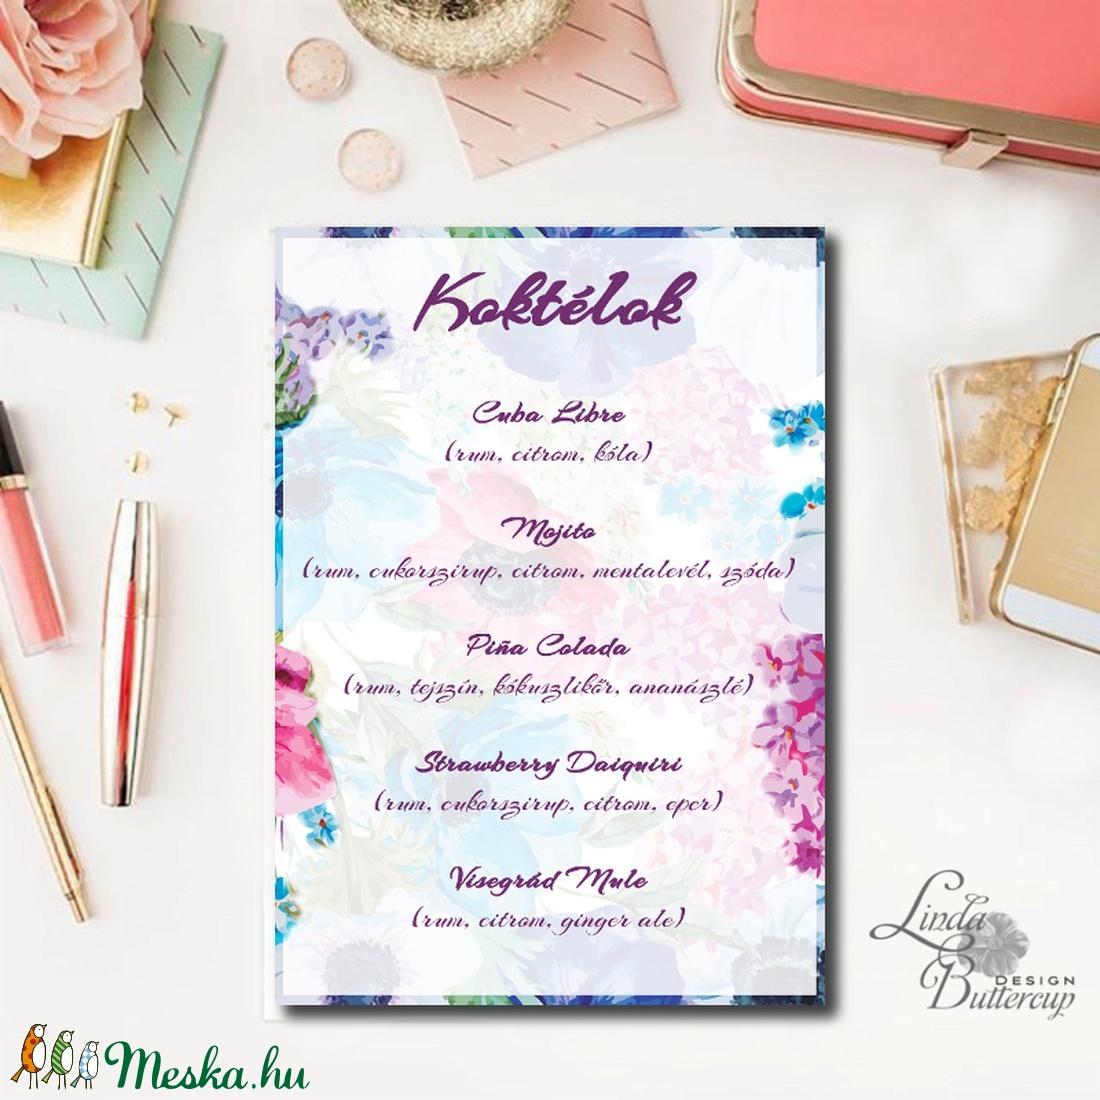 Esküvői Dekoráció, Esküvői felirat A4, dekor, Felirat, virágos, kék, réti, itallap, ital, koktél,, Esküvő, tábla (LindaButtercup) - Meska.hu